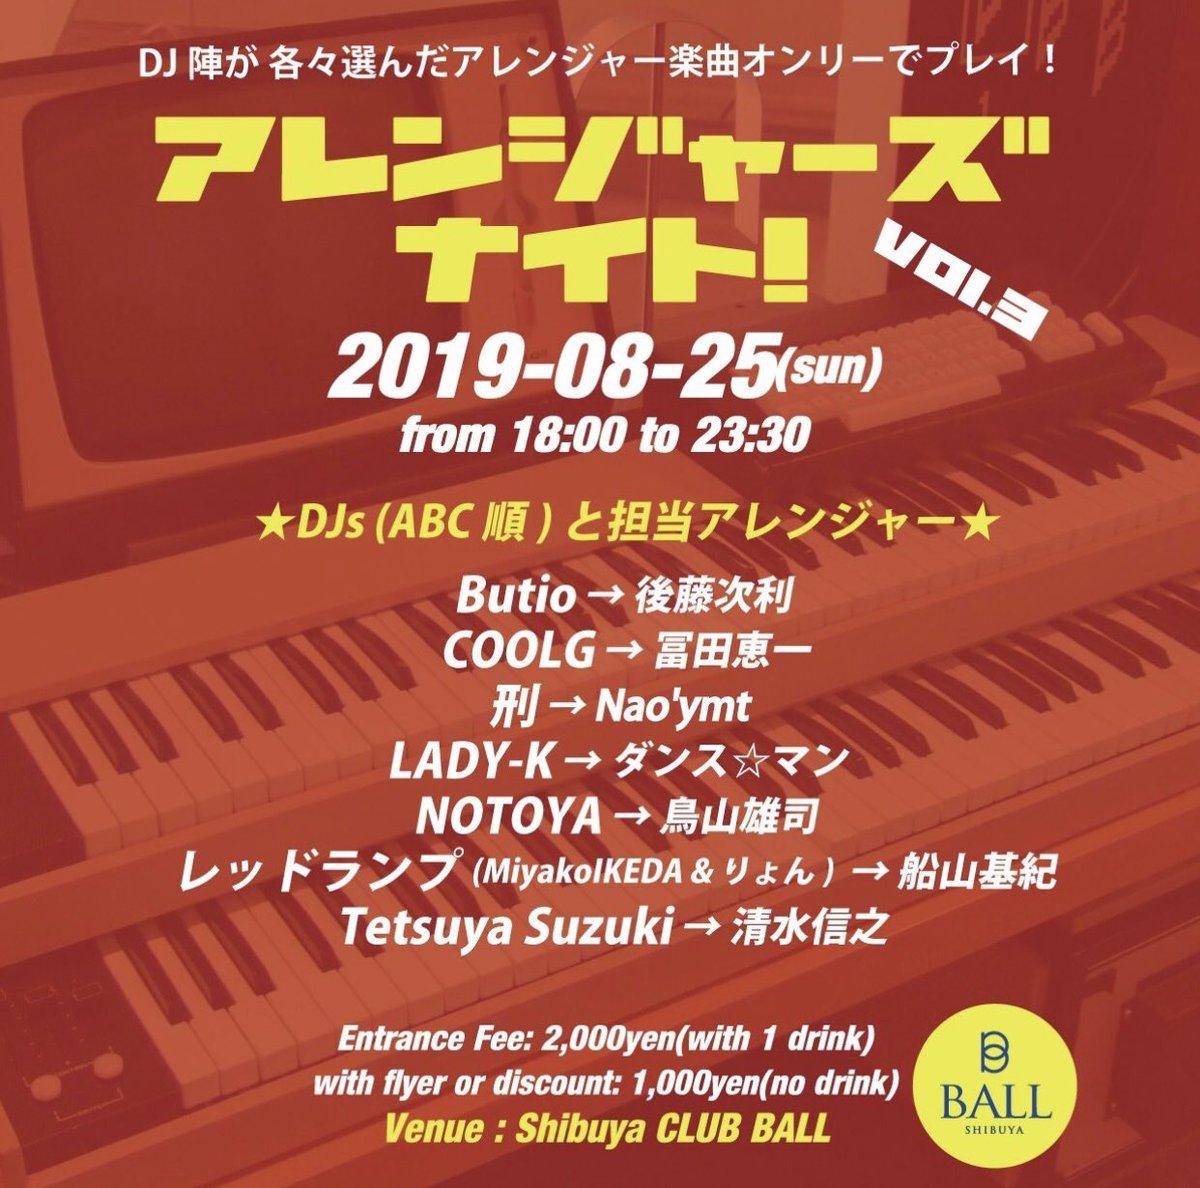 ダンス☆マン20周年お祝いイベントで会場を沸かせてくださったLADY-Kさんが、8/25(日) #ShibuyaCLUBBALL でダンス☆マンの曲のみでプレイしてくださいます! * LADY-Kさん出演予定時間 21:20 -22:00  是非皆さん遊びに行ってくださいね☆ (ダンス☆マンの出演はありません) #LADYK #ダンスマンpic.twitter.com/oNdpyOmQUL